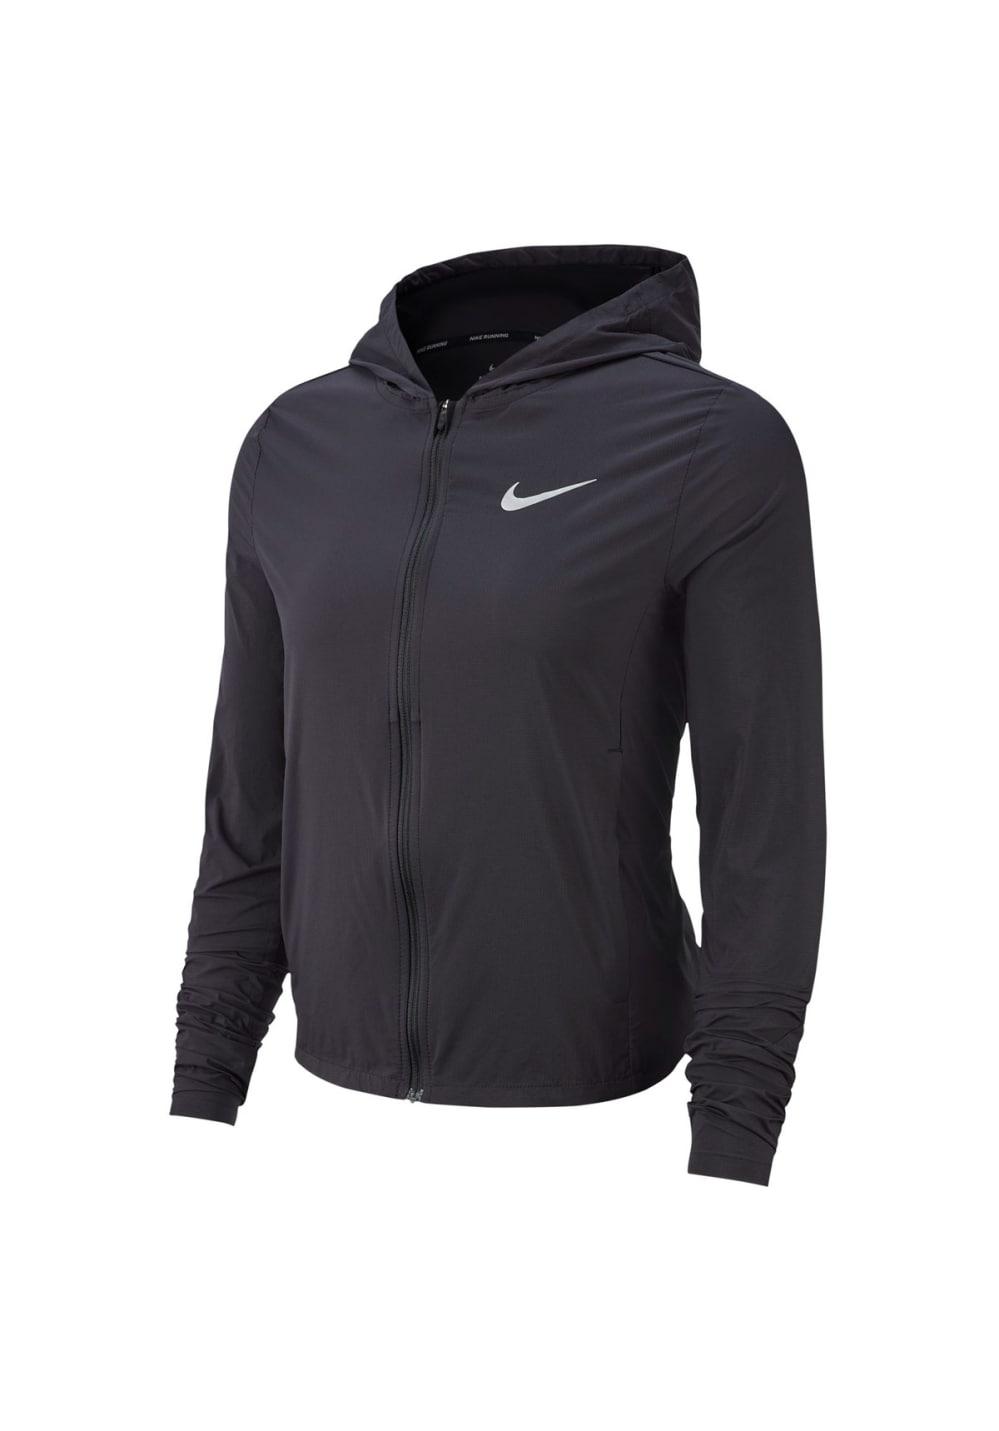 ... Nike Shield Running Jacket - Laufjacken für Damen - Schwarz. Zurück zur  Übersicht. 1  2. Previous aa217885b6